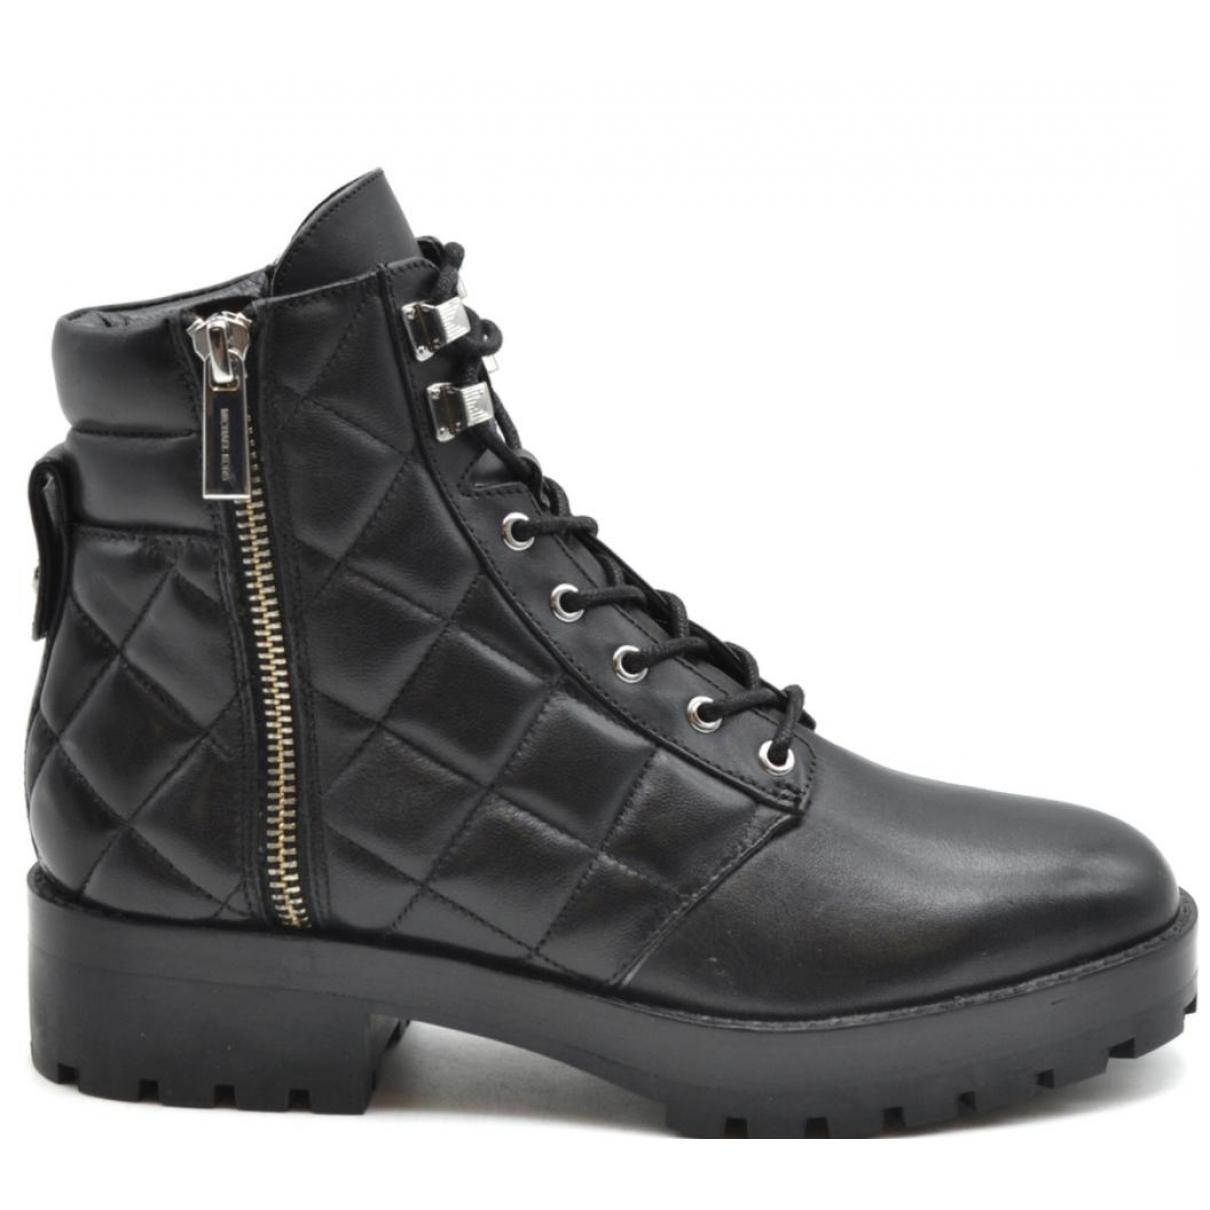 Michael Kors - Boots   pour femme en cuir - noir